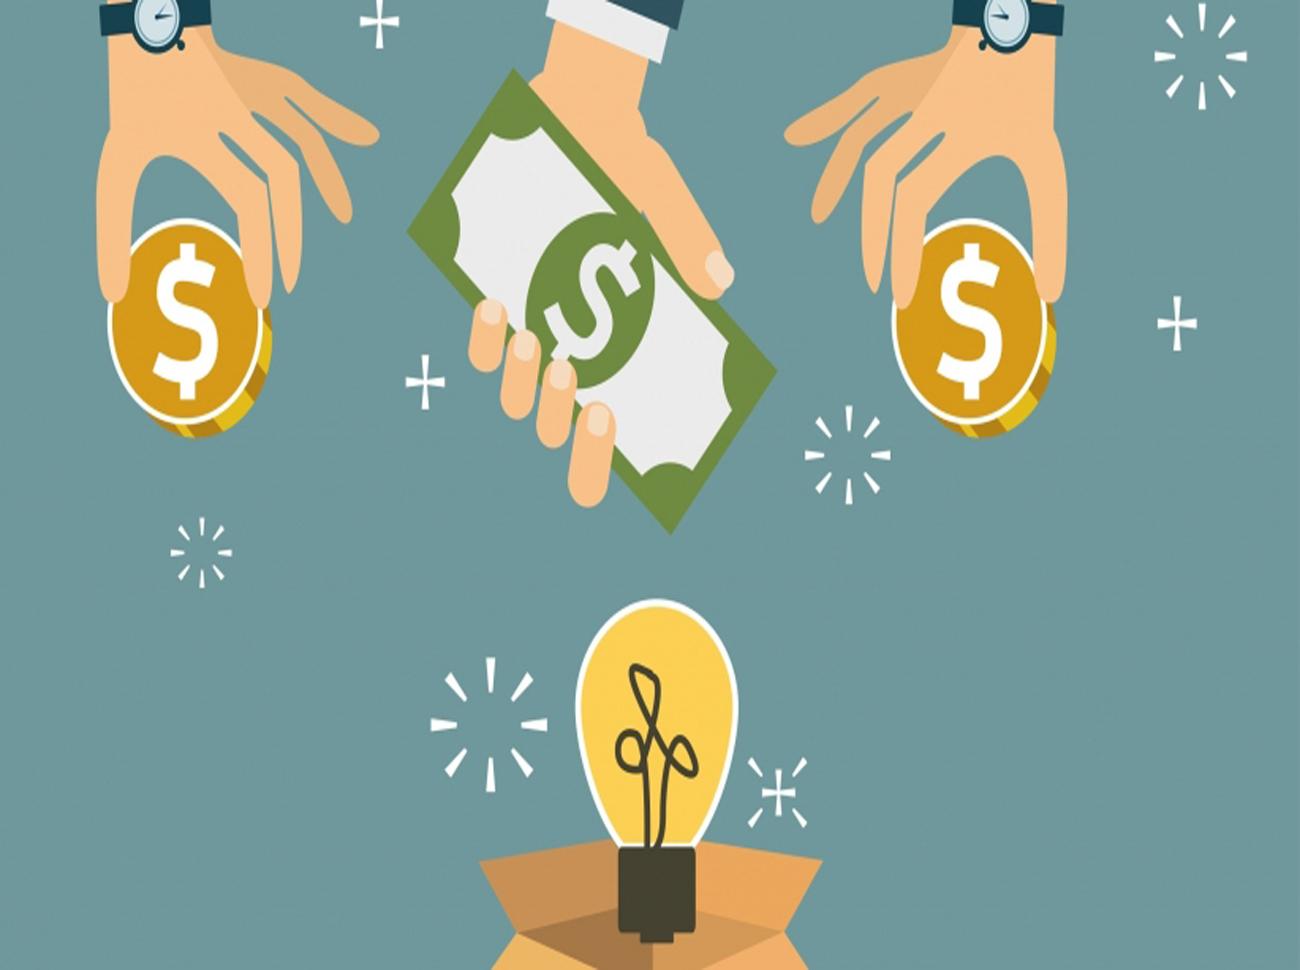 Melek Yatırımcılardan Destek Almanın Formülü